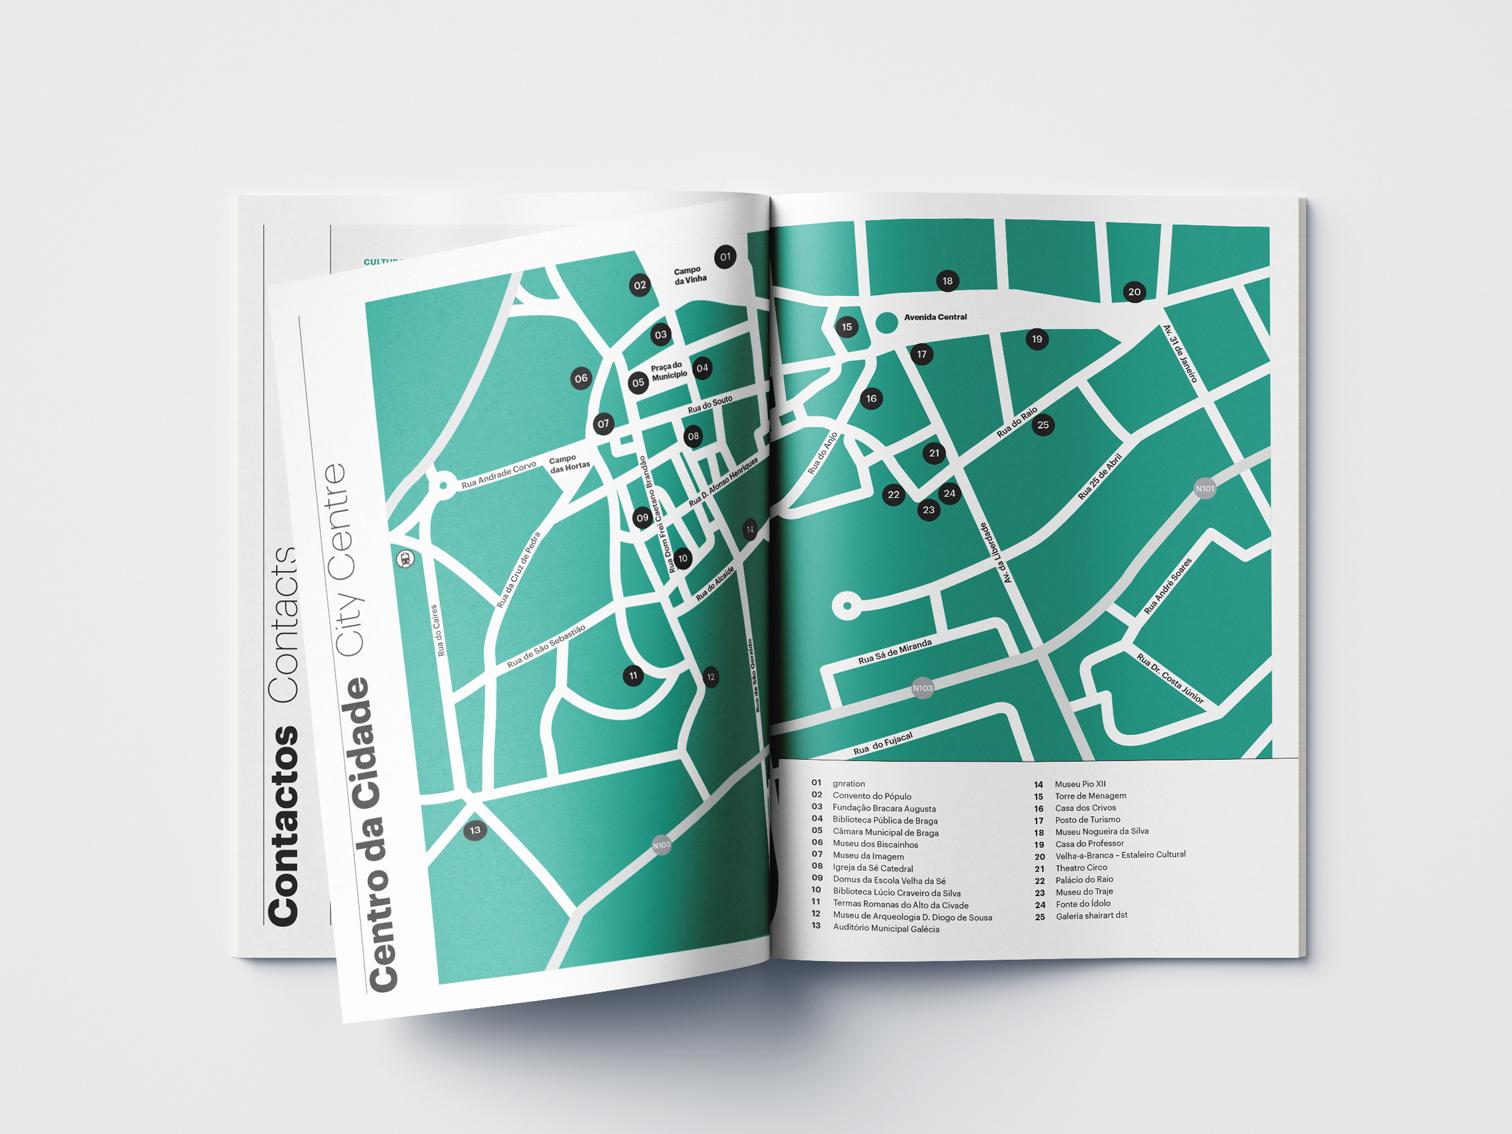 Agenda braga cultura-mapa